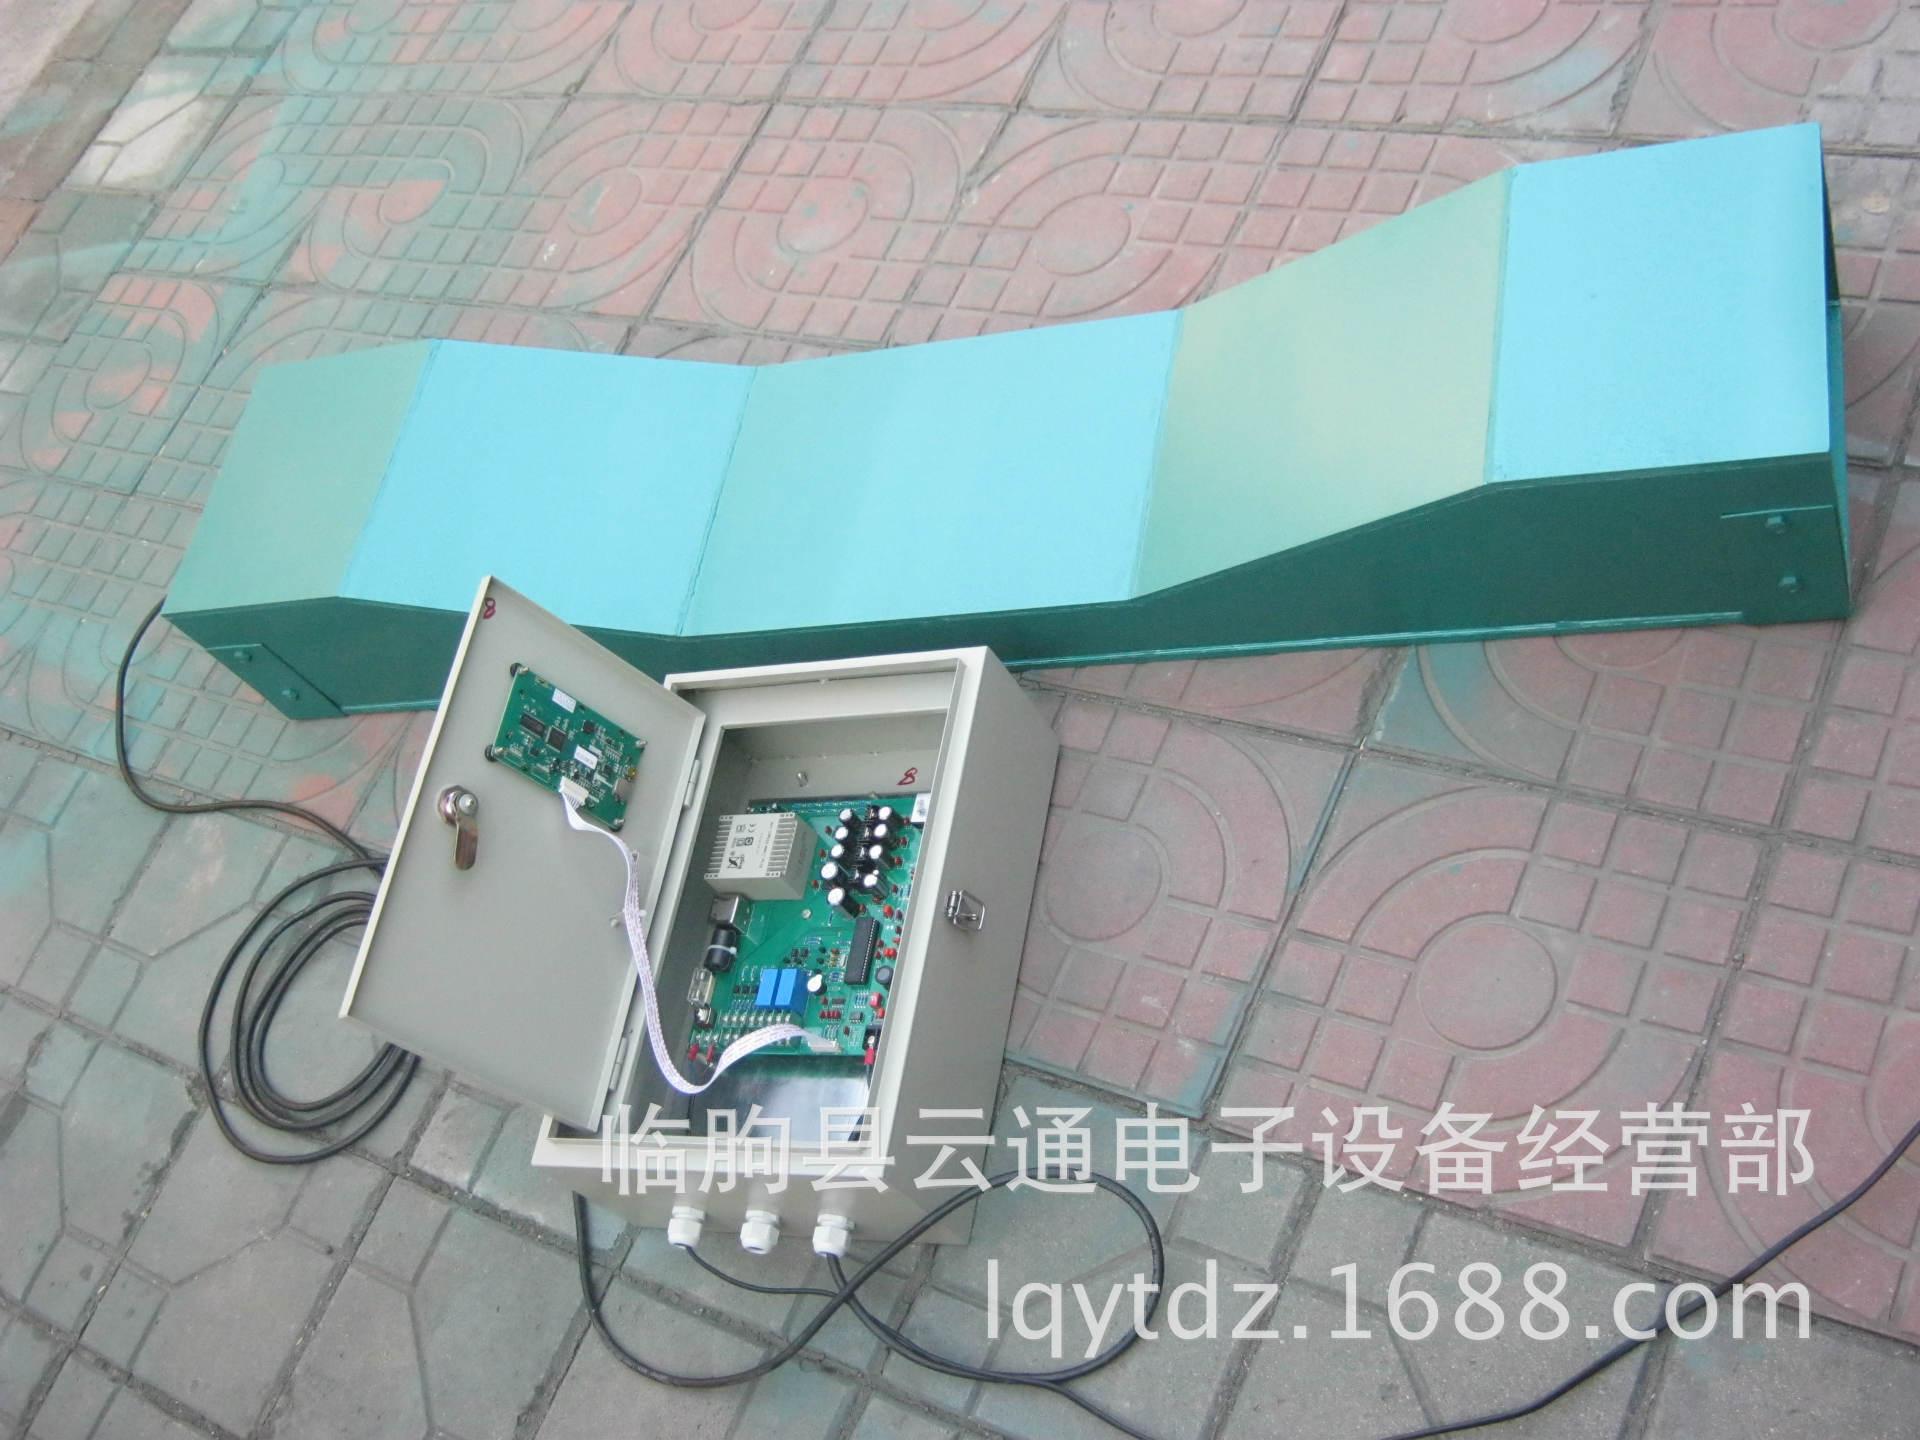 直销新型金属探测仪 云通电子生产 保用2年